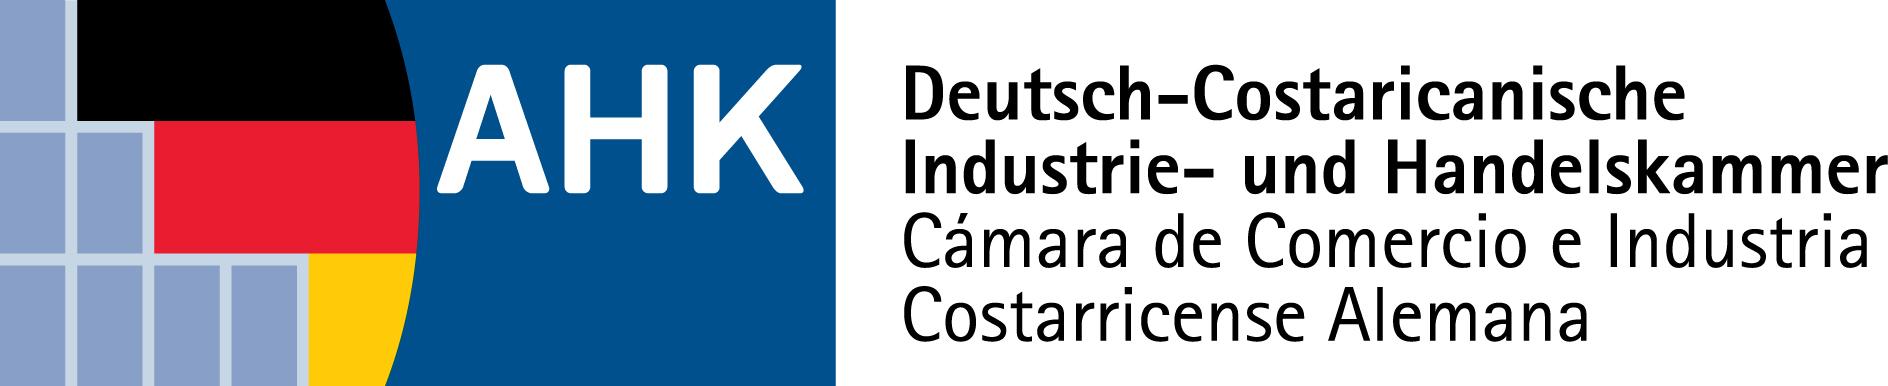 Copia de AHK-Cámara Alemana.jpg